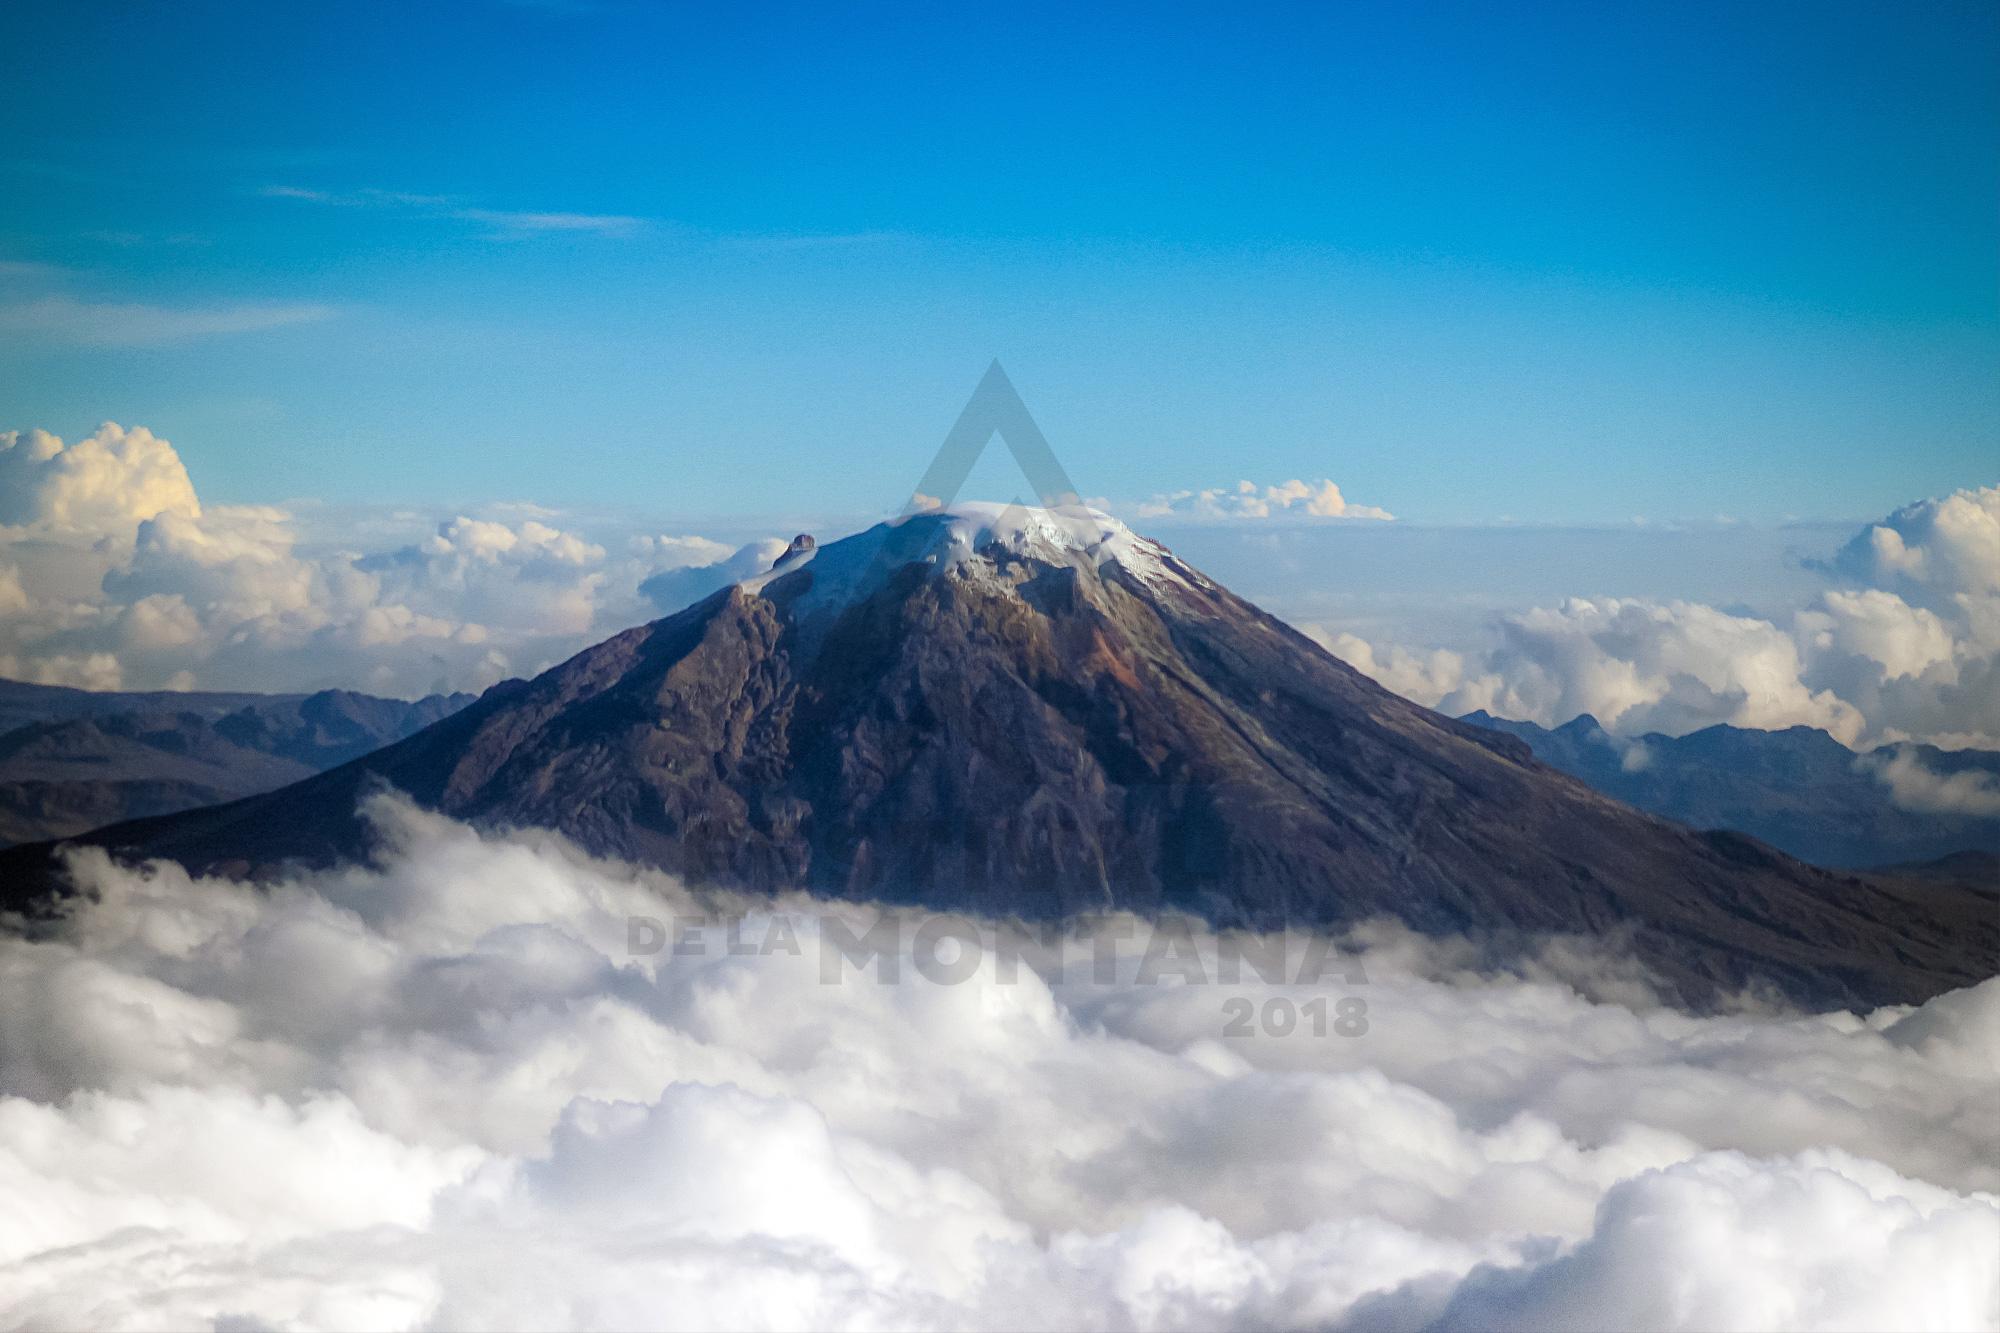 4. David Zuluaga – Nevado del Tolima